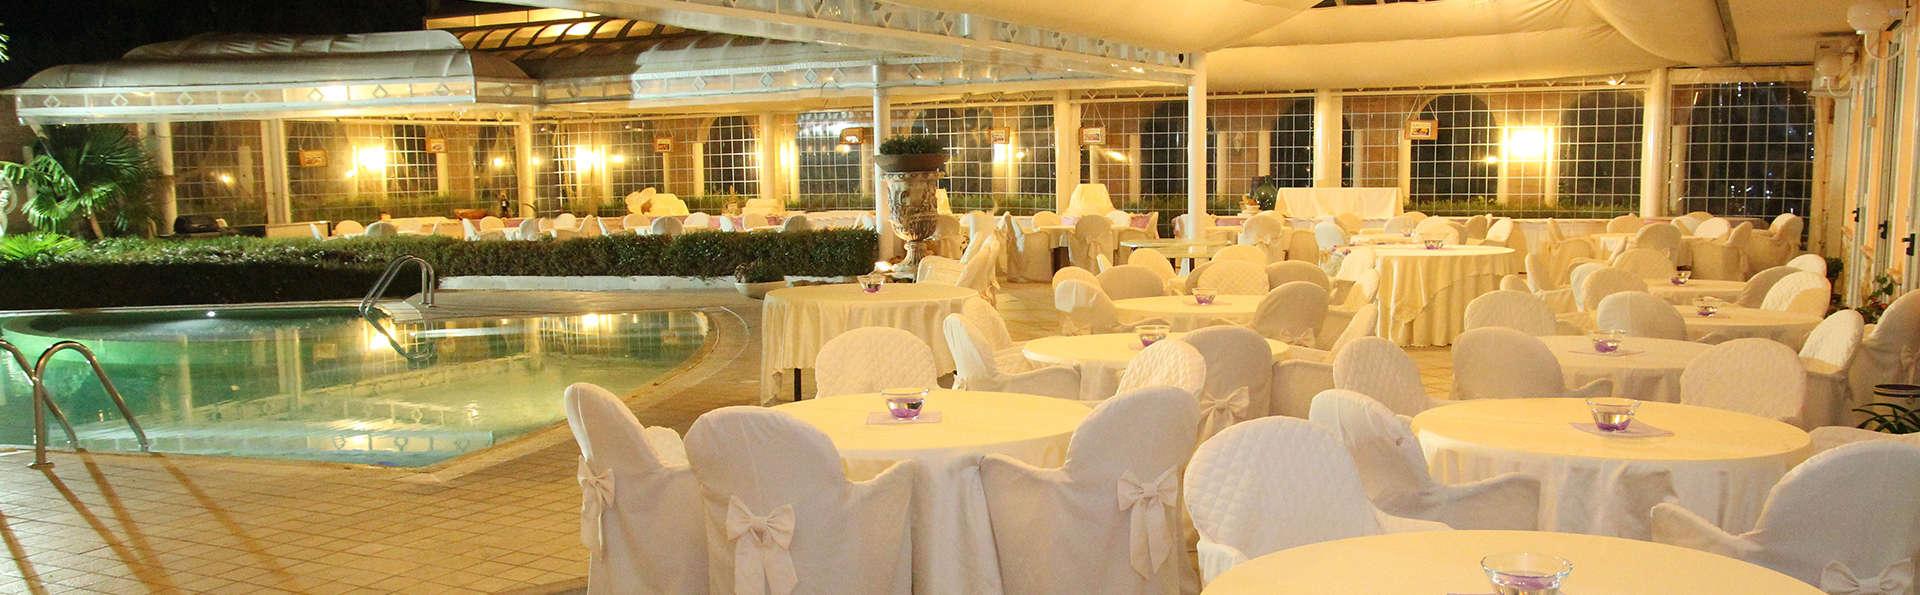 Grand Hotel Osman - edit_terrace.jpg